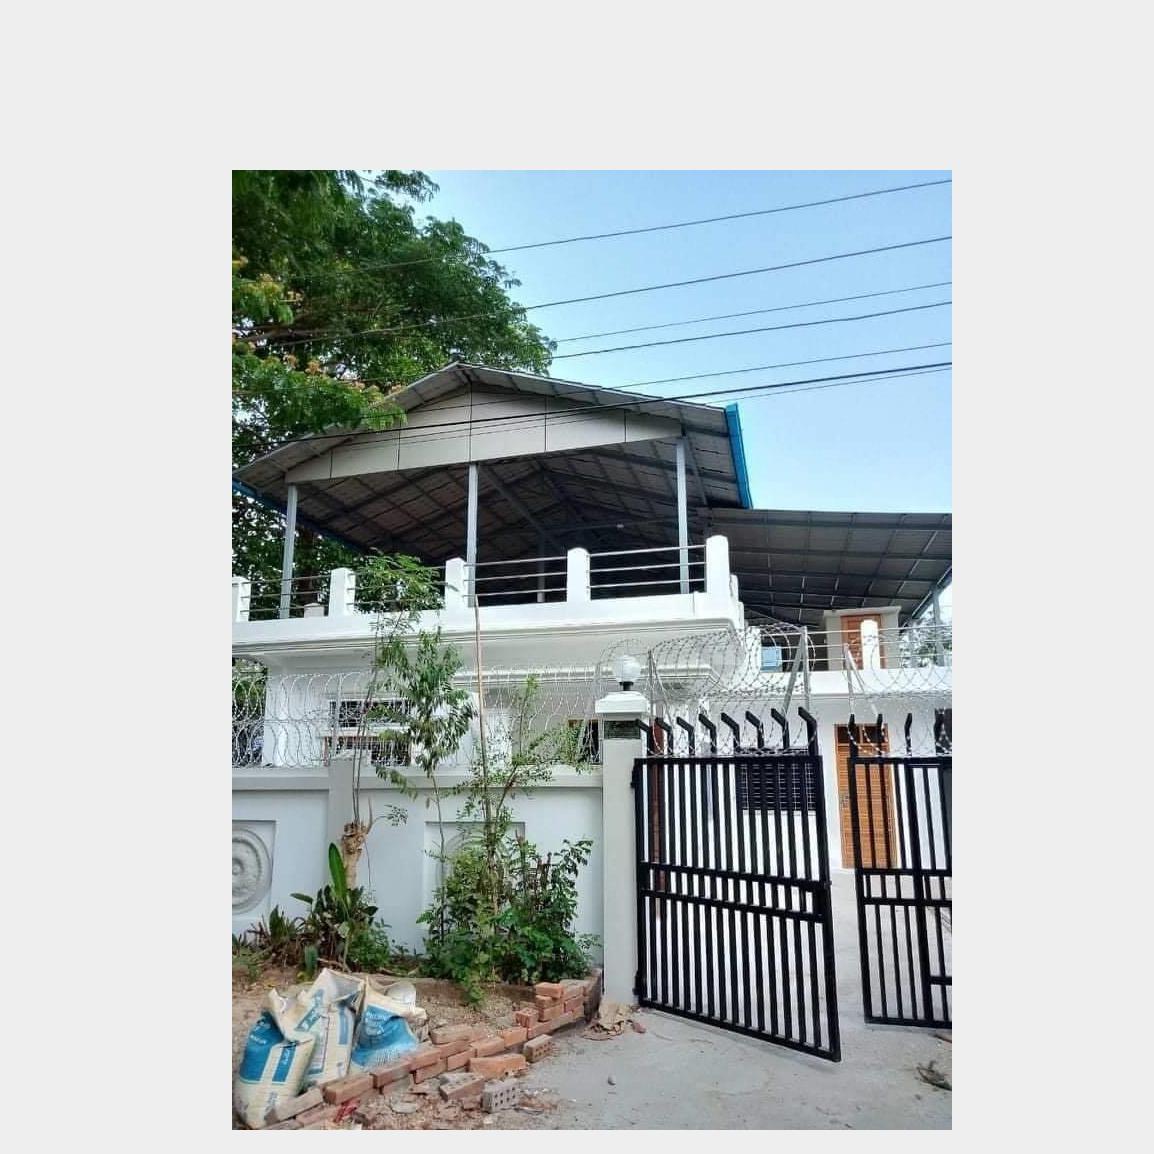 ဒဂုံမြို့သစ်မြောက်ပိုင်းမြို့နယ်တစ်ထပ်အိမ်အရောင်း Image, အိမ် classified, Myanmar marketplace, Myanmarkt